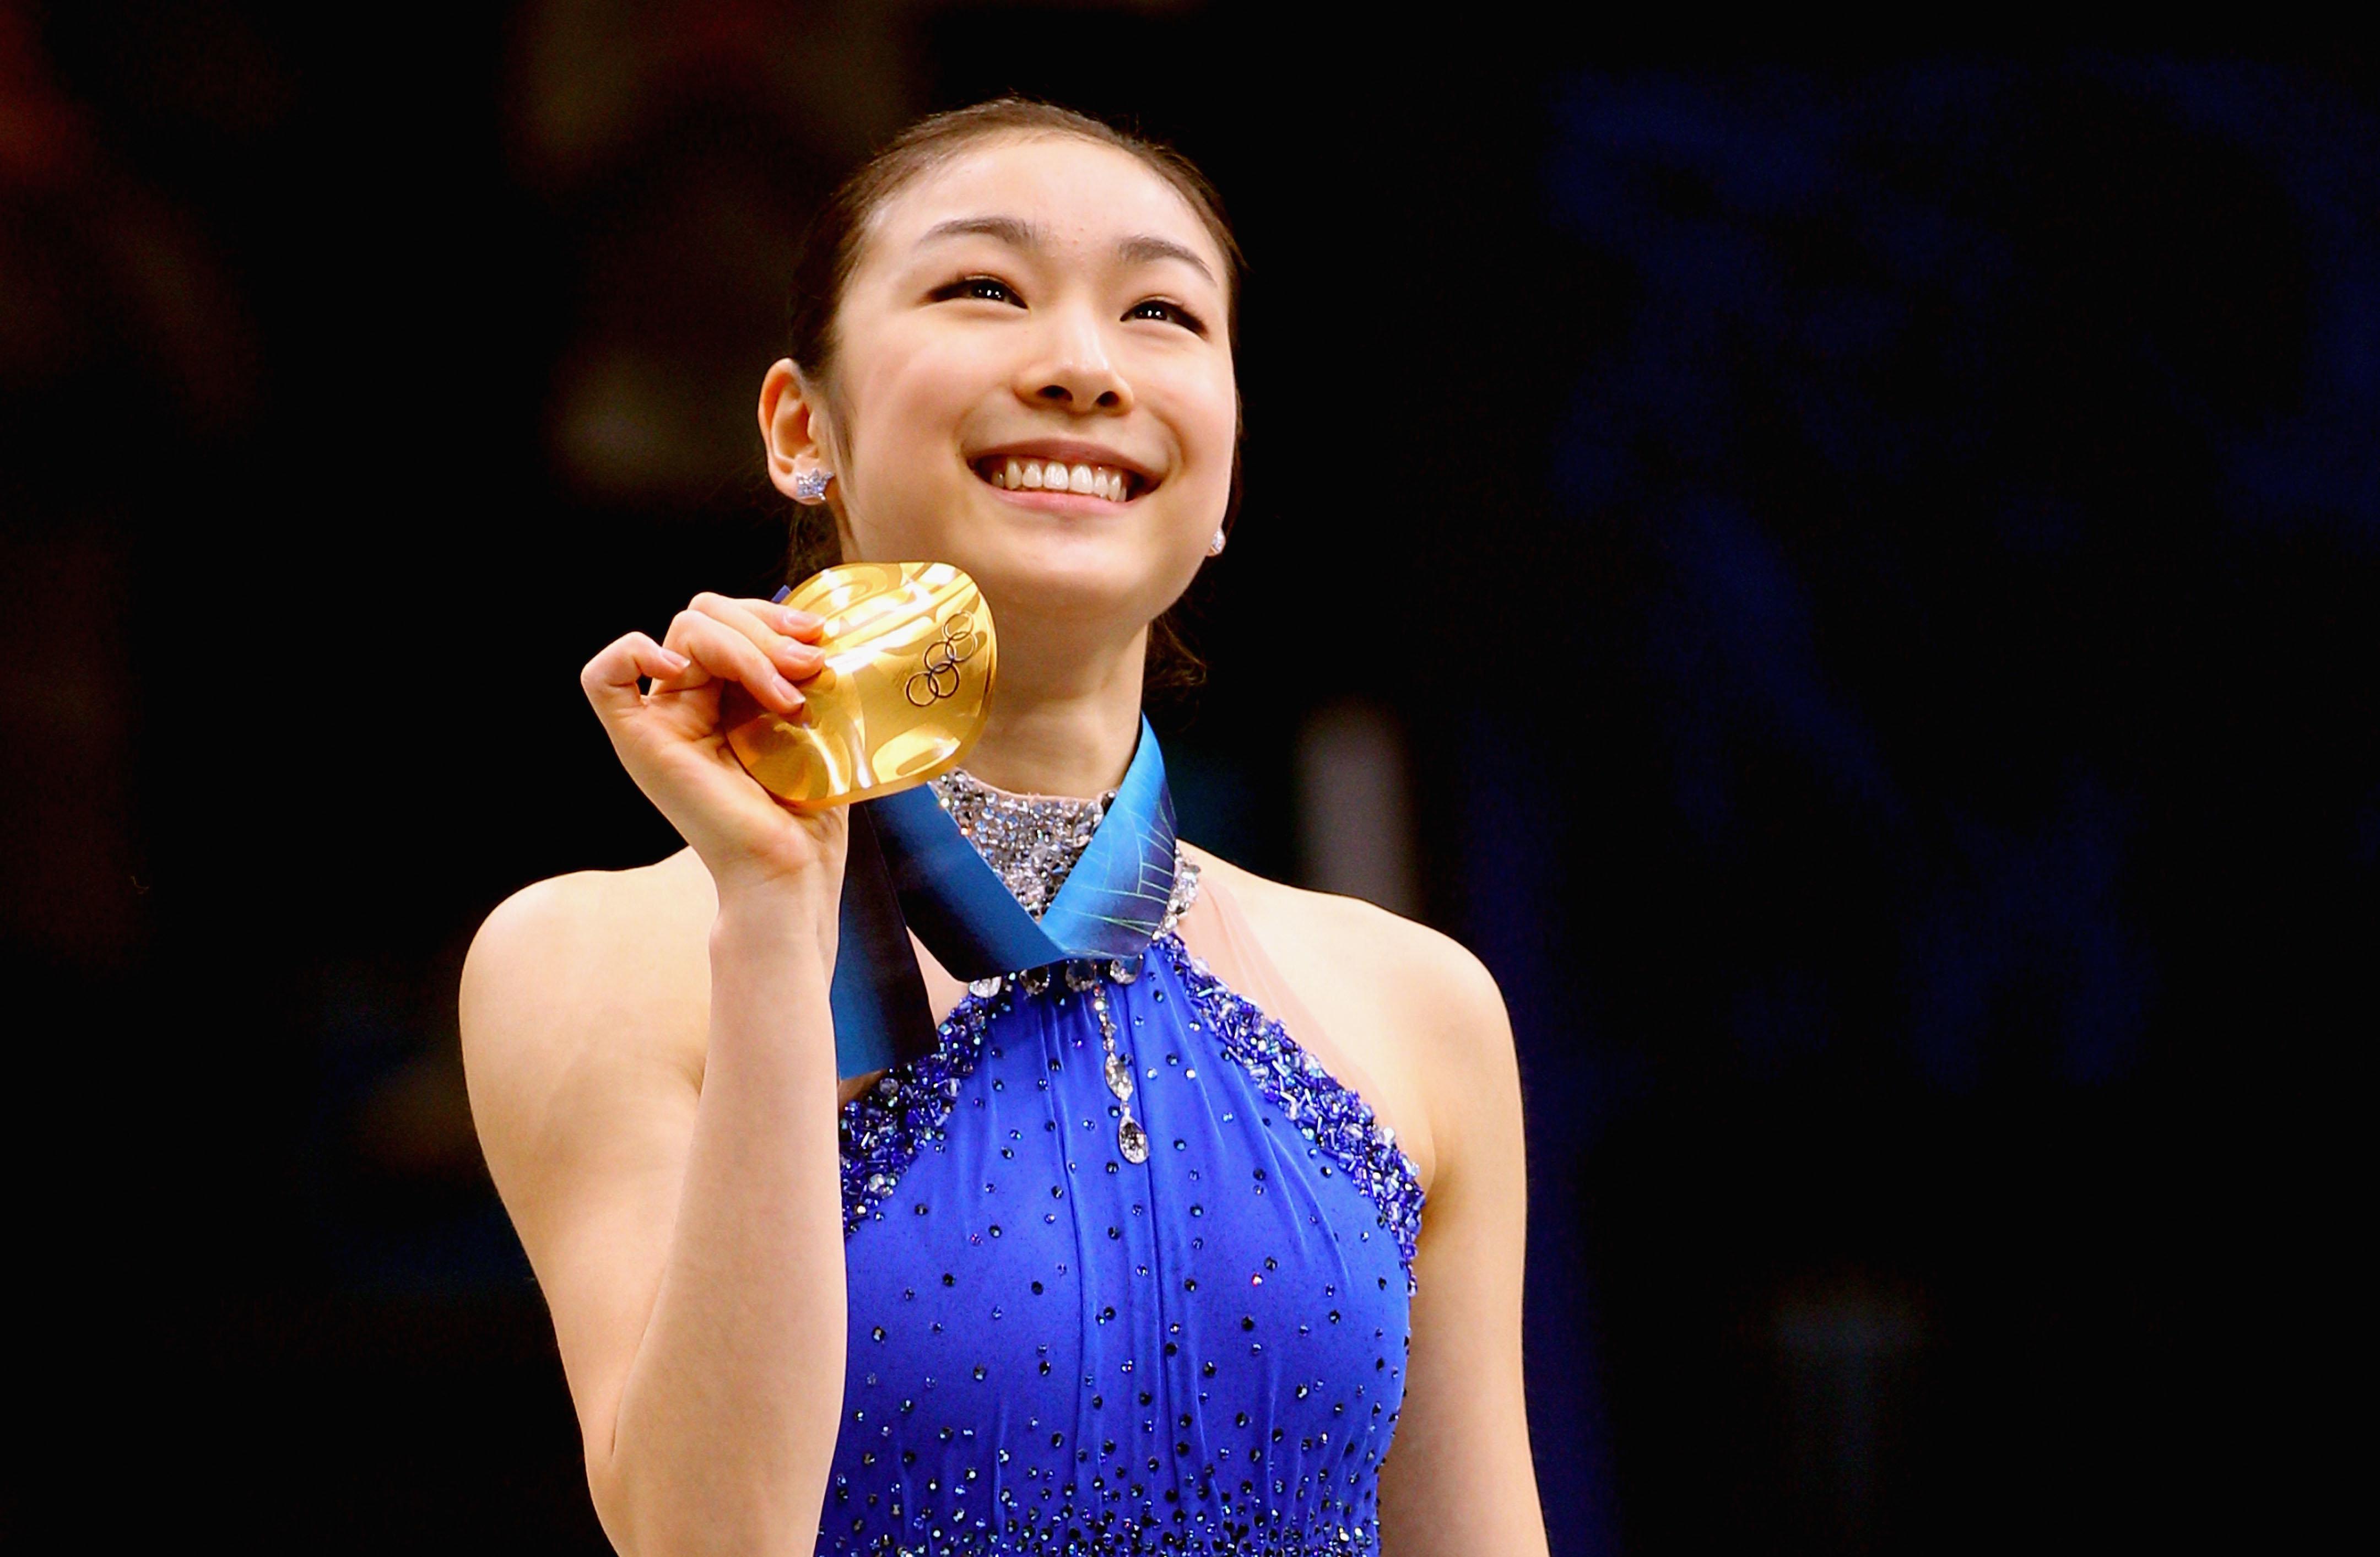 9년 전 오늘, 김연아가 생애 첫 올림픽 금메달을 목에